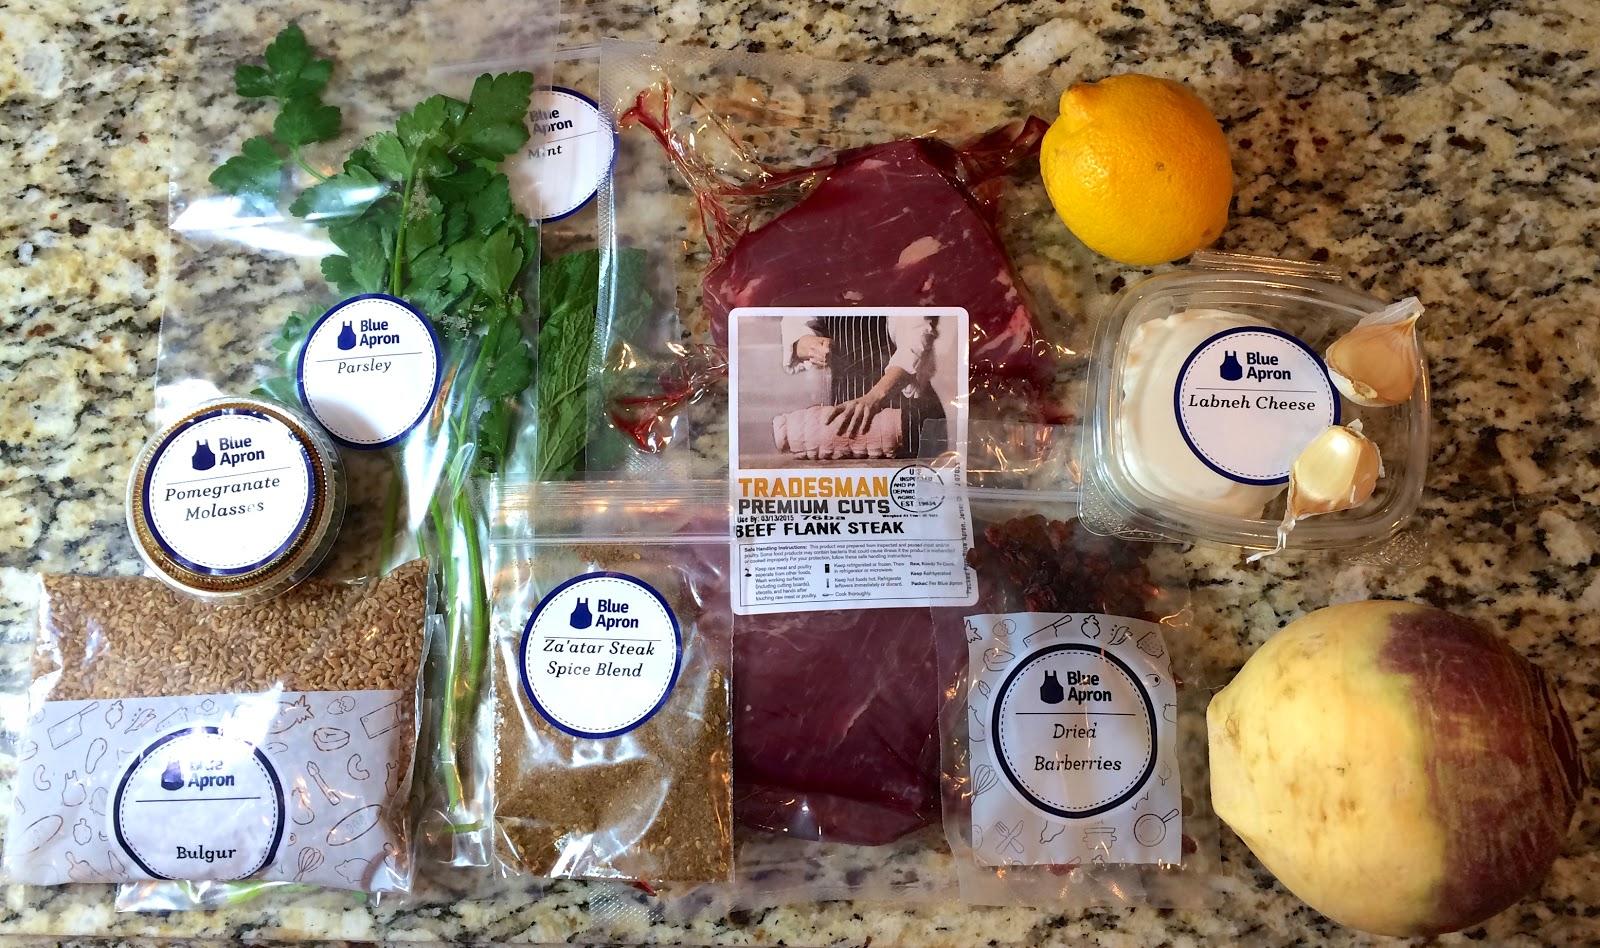 Blue apron qvc - Blue Skies For Me Please Blue Apron Food Subscription Box Review Part 4